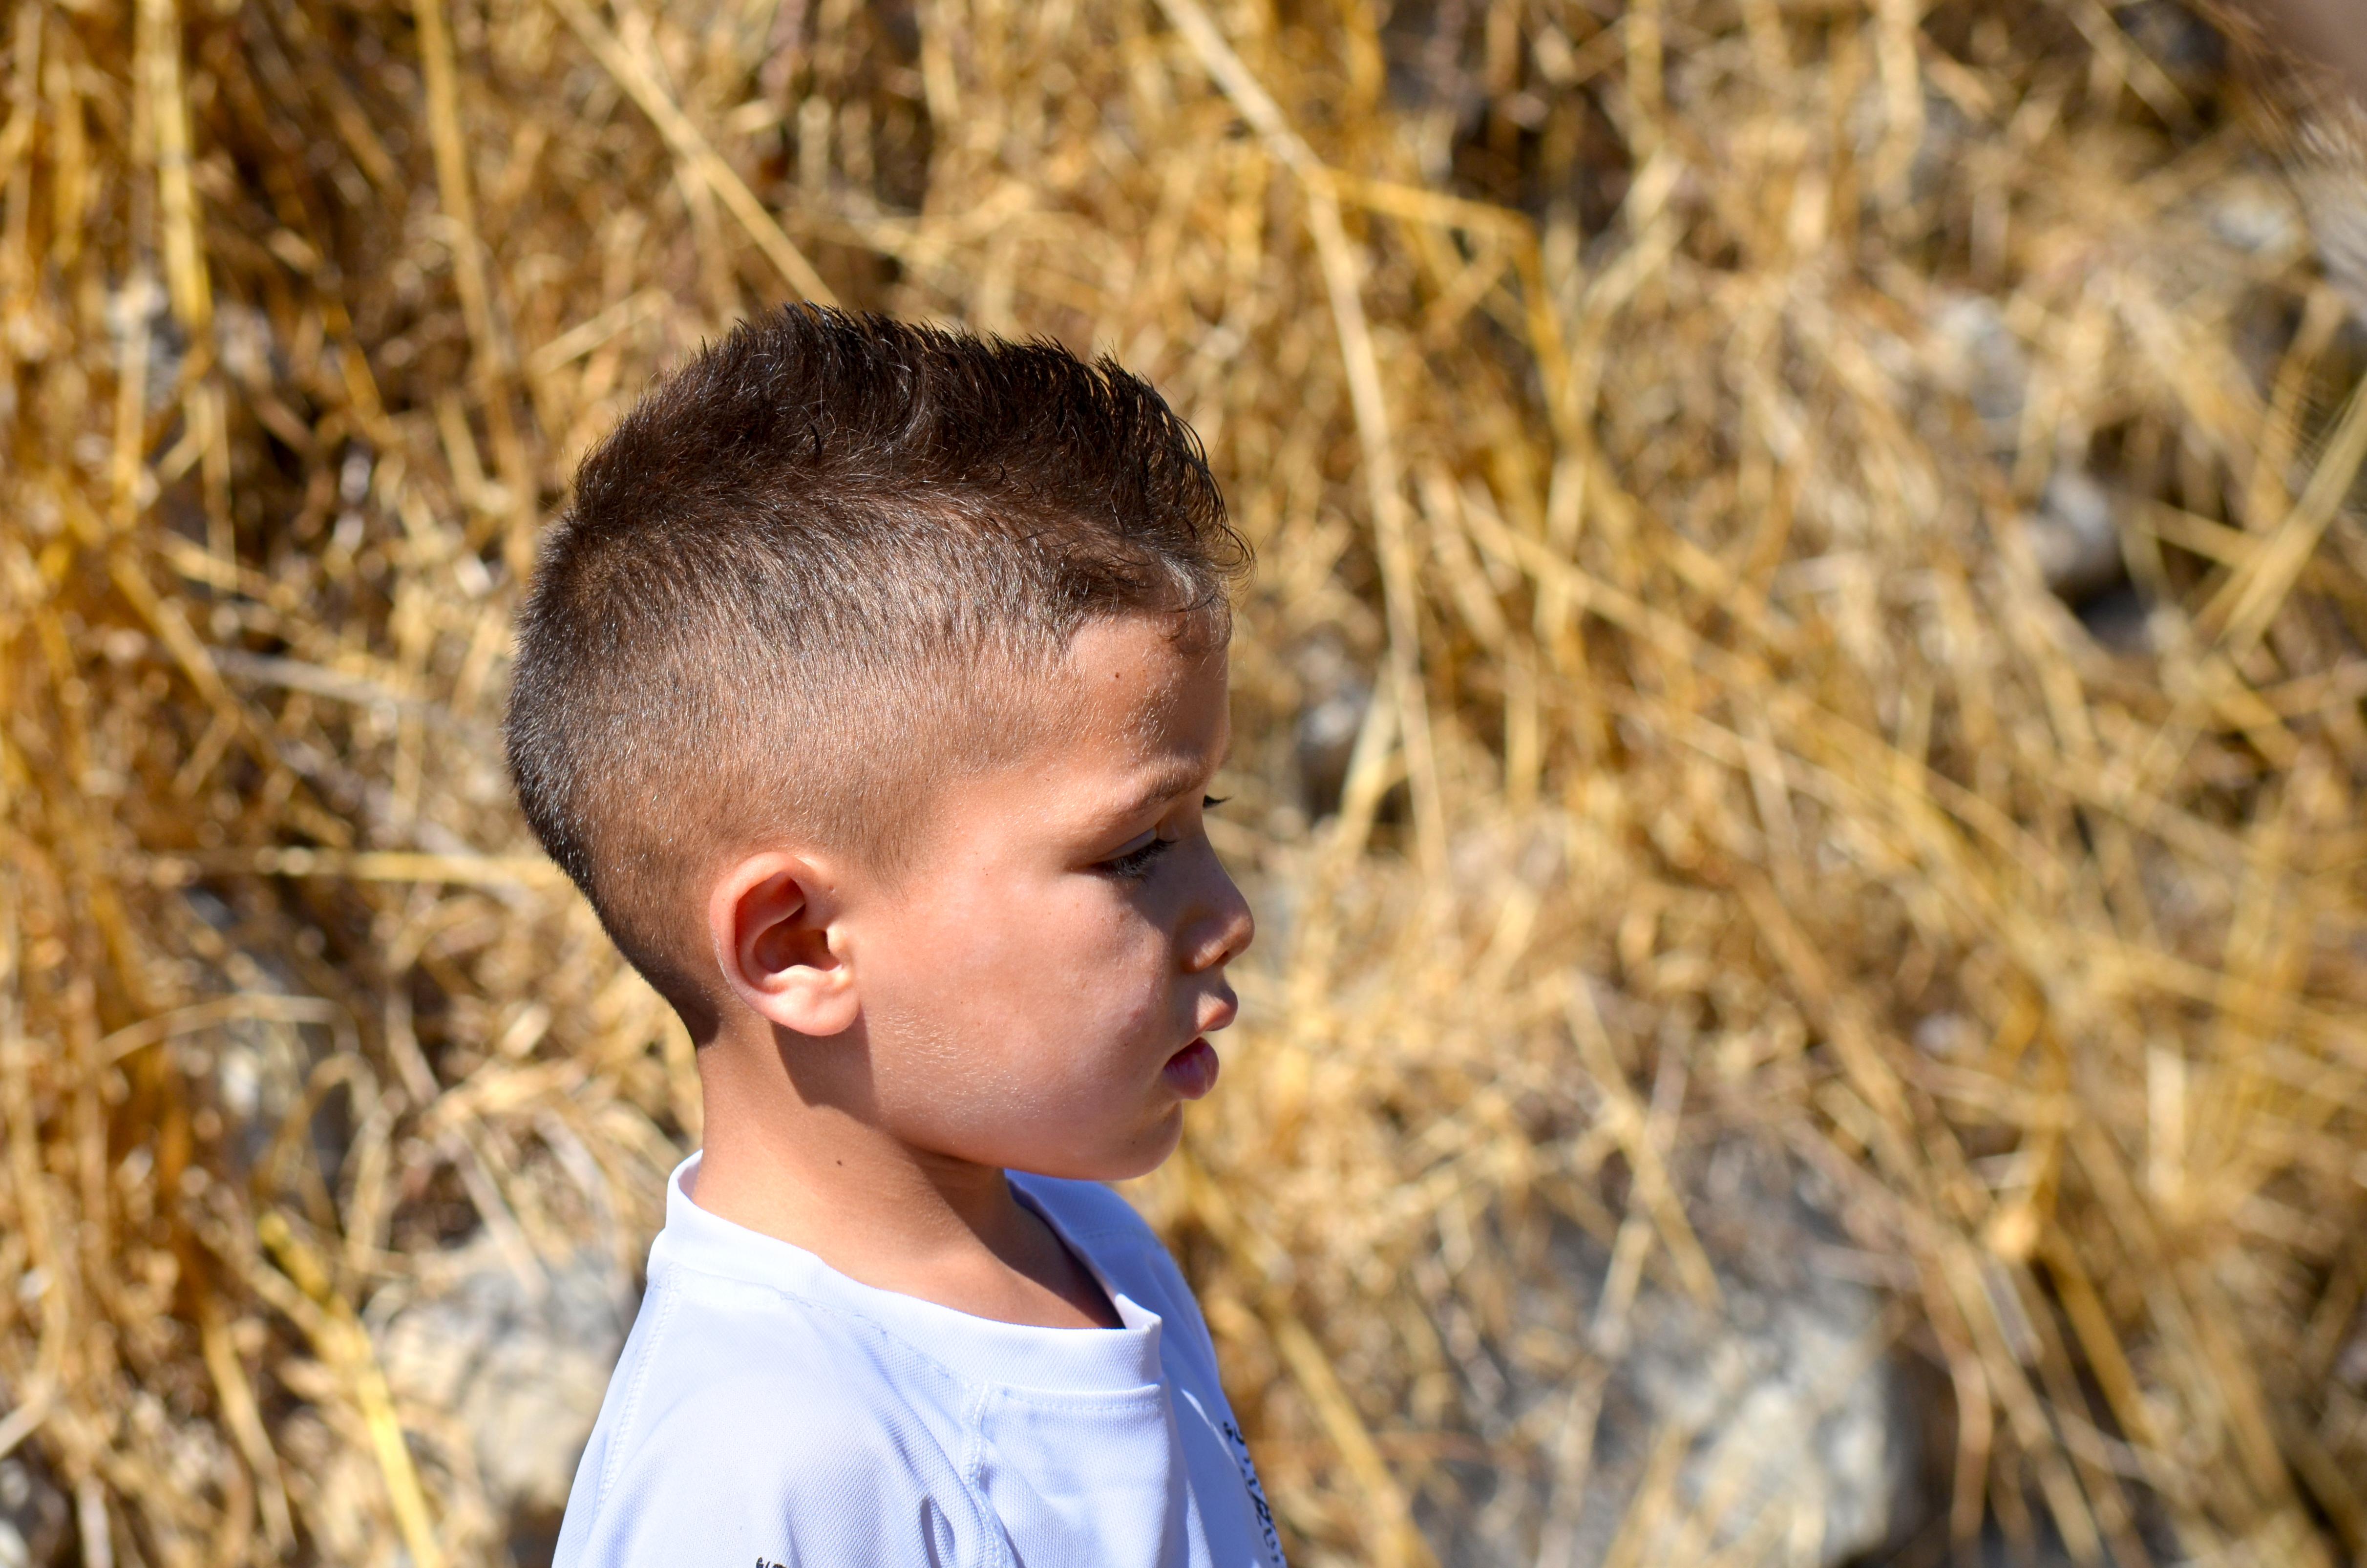 Hermano de Rim mirando al horizonte